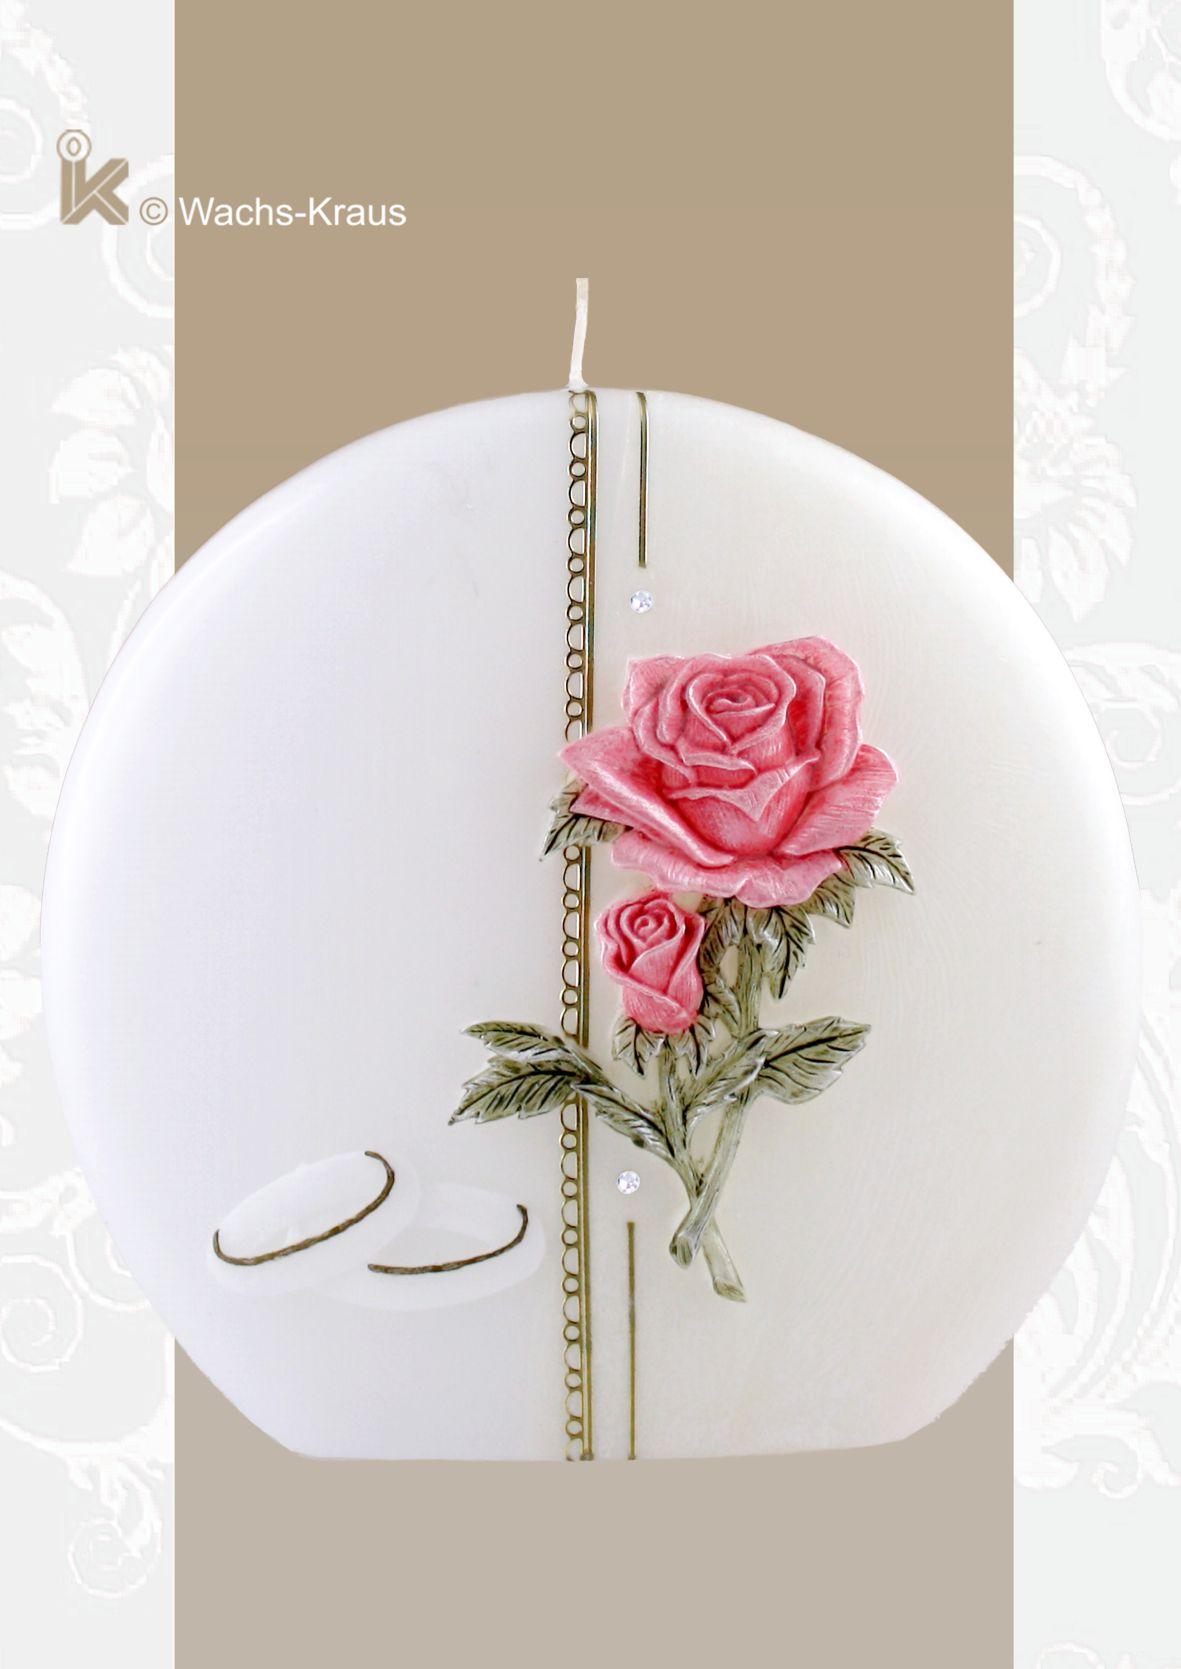 """Hochzeitskerze mit dem """"wow-Effekt"""" mit aus Wachs gegossener Rose"""